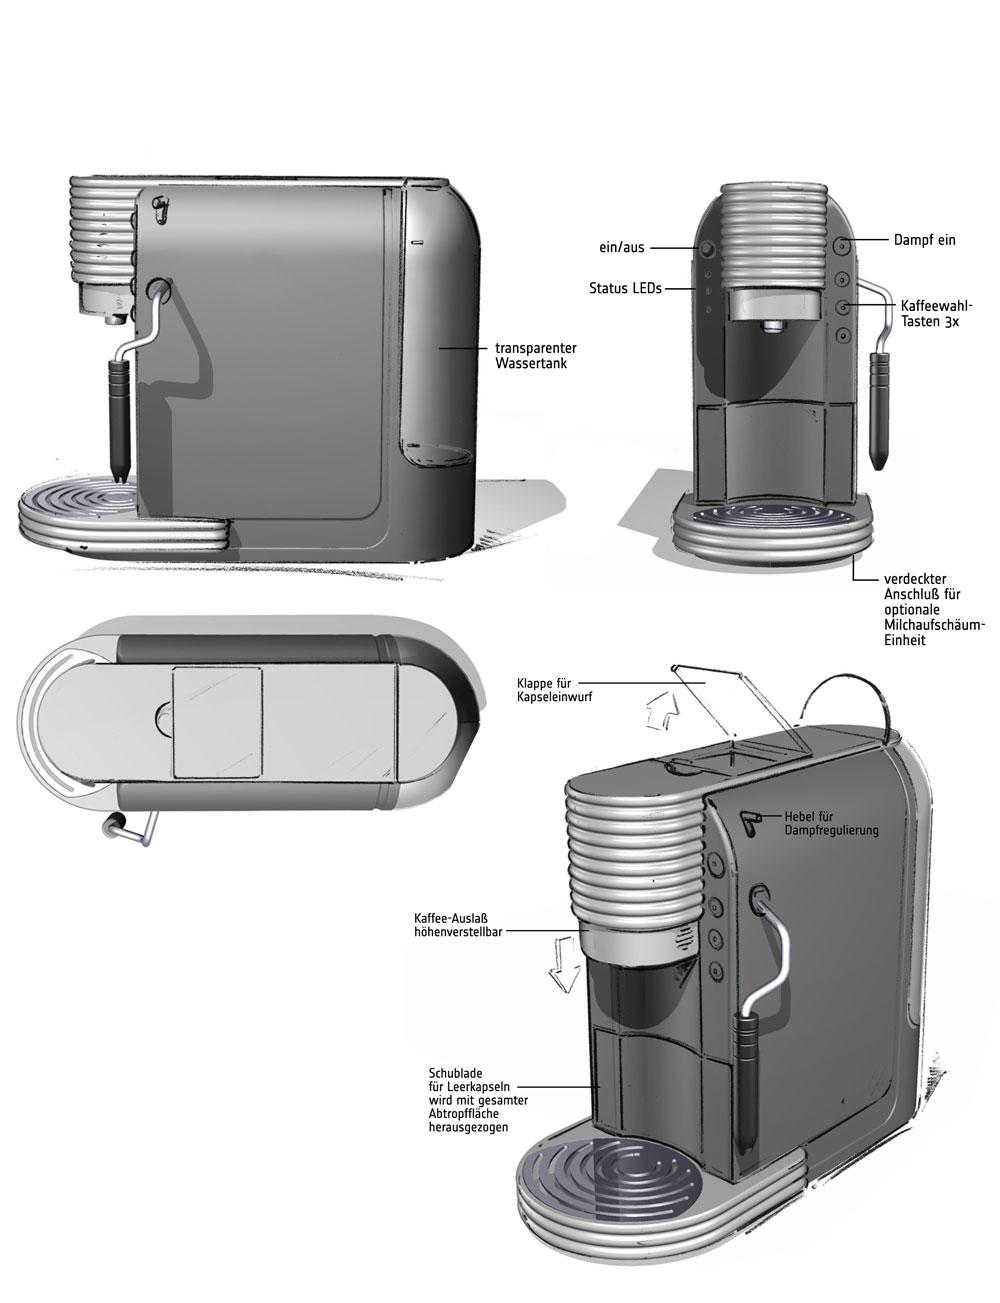 Designstudie SEVERIN Kaffeemaschine / Konzept 3